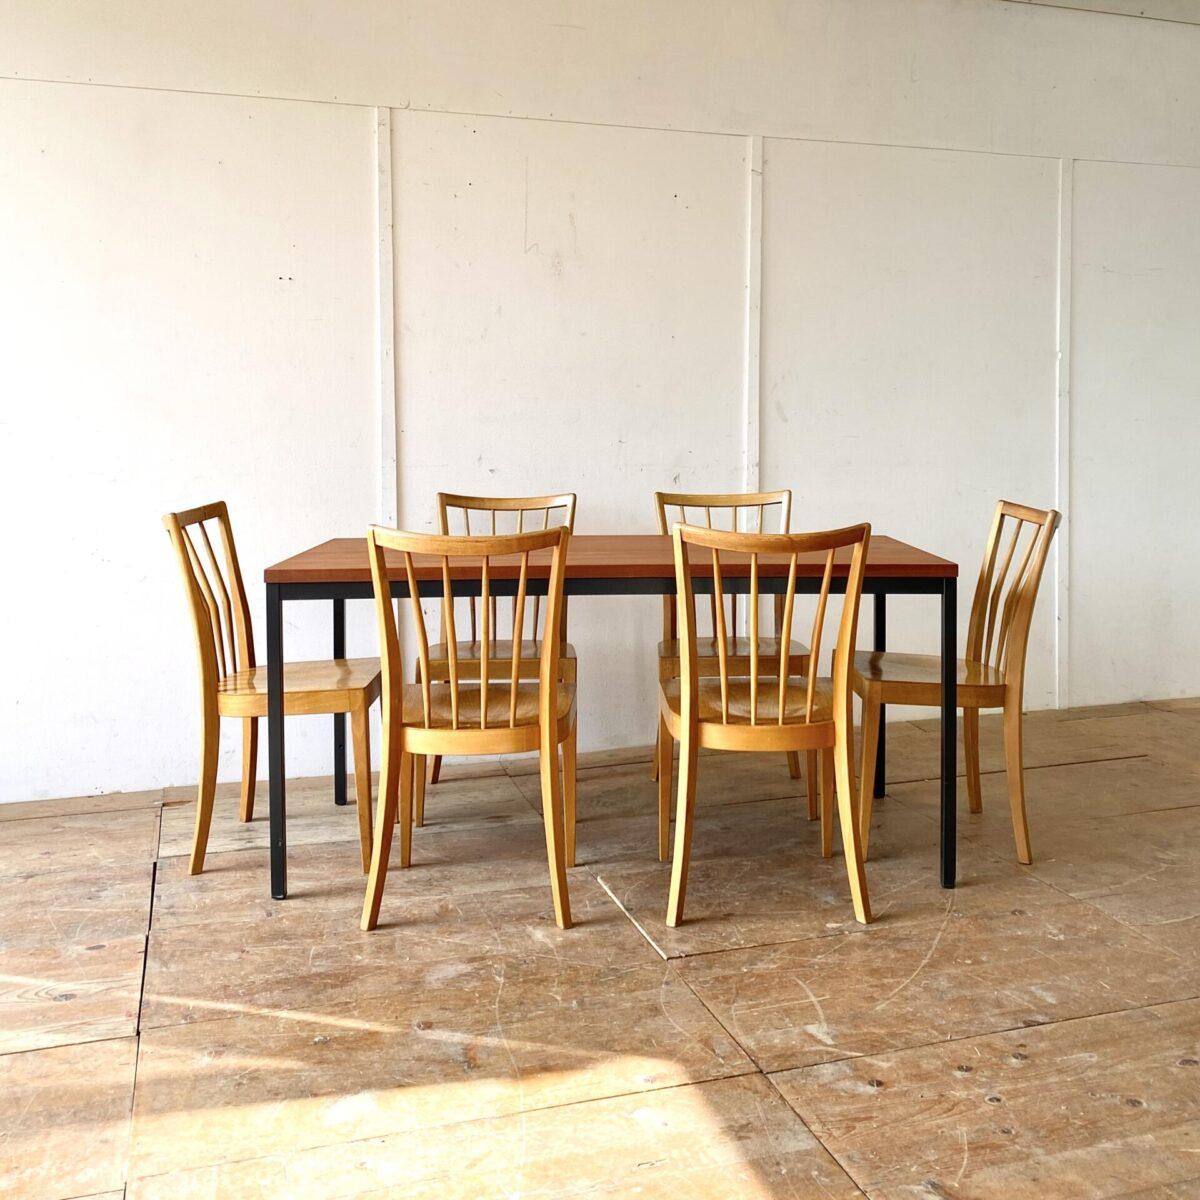 Deuxieme.shop Teak Tisch Knoll USM Sitzungstisch. Einfacher Sitzungstisch 160x60cm Höhe 76cm. Tischblatt Teak furniert. Das Metall Tischgestell ist Anthrazit farbig lackiert. Der Tisch bietet Platz für 6 Personen.